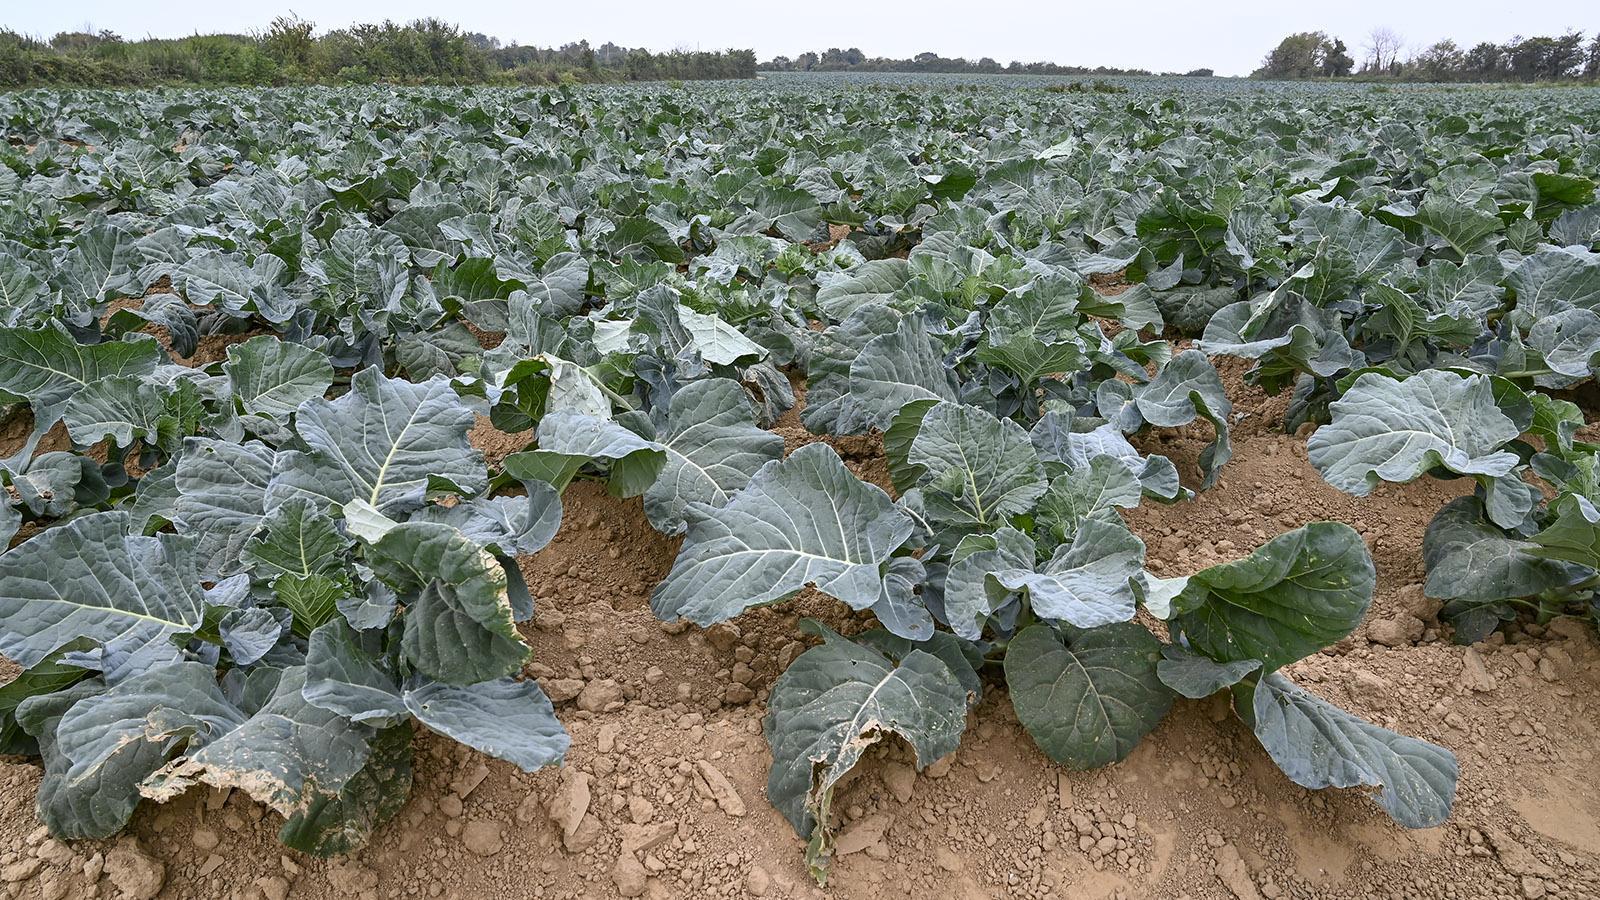 Cotentin: Die sandigen Böden des Saire-Tales werden für den Gemüseanbau genutzt. Neben Kohl in vielen Arten werden auch Zwiebeln dort gezogen. Foto: Hilke Maunder